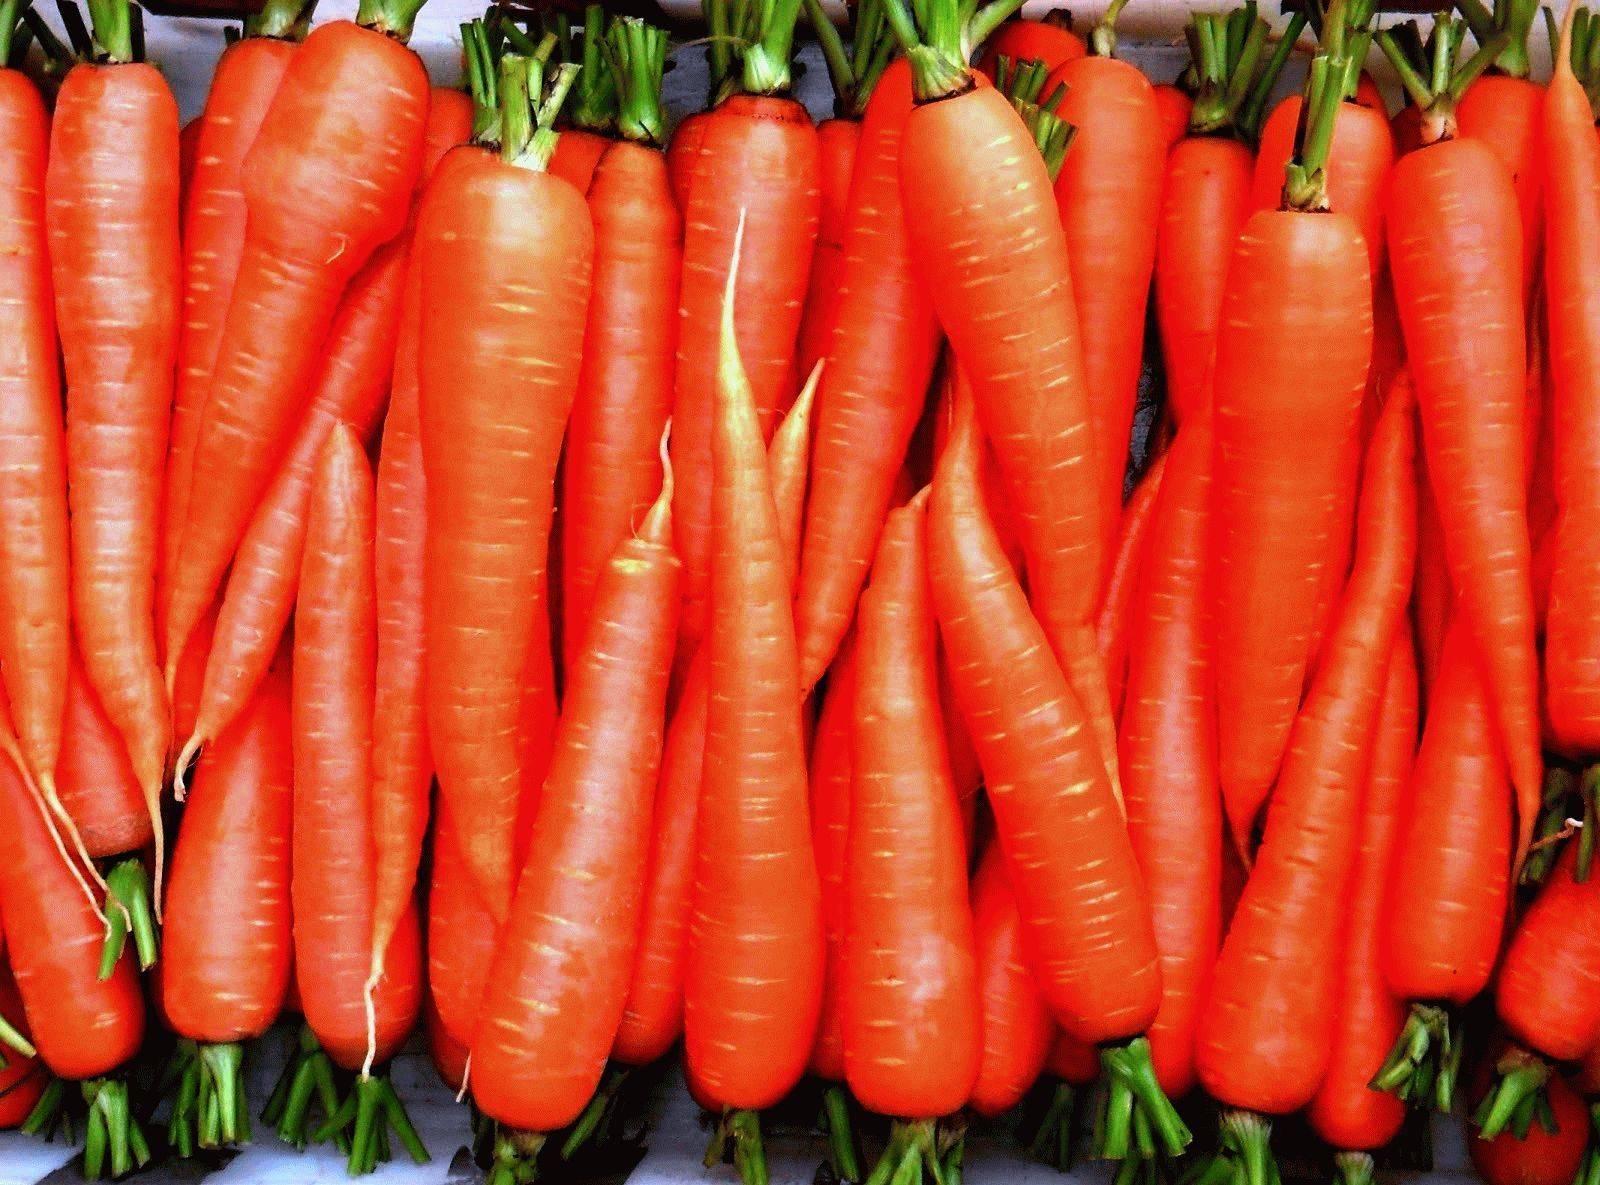 Посадка моркови в 2020 году по лунному календарю: благоприятные дни на рассаду, сроки посева весной, осенью и зимой